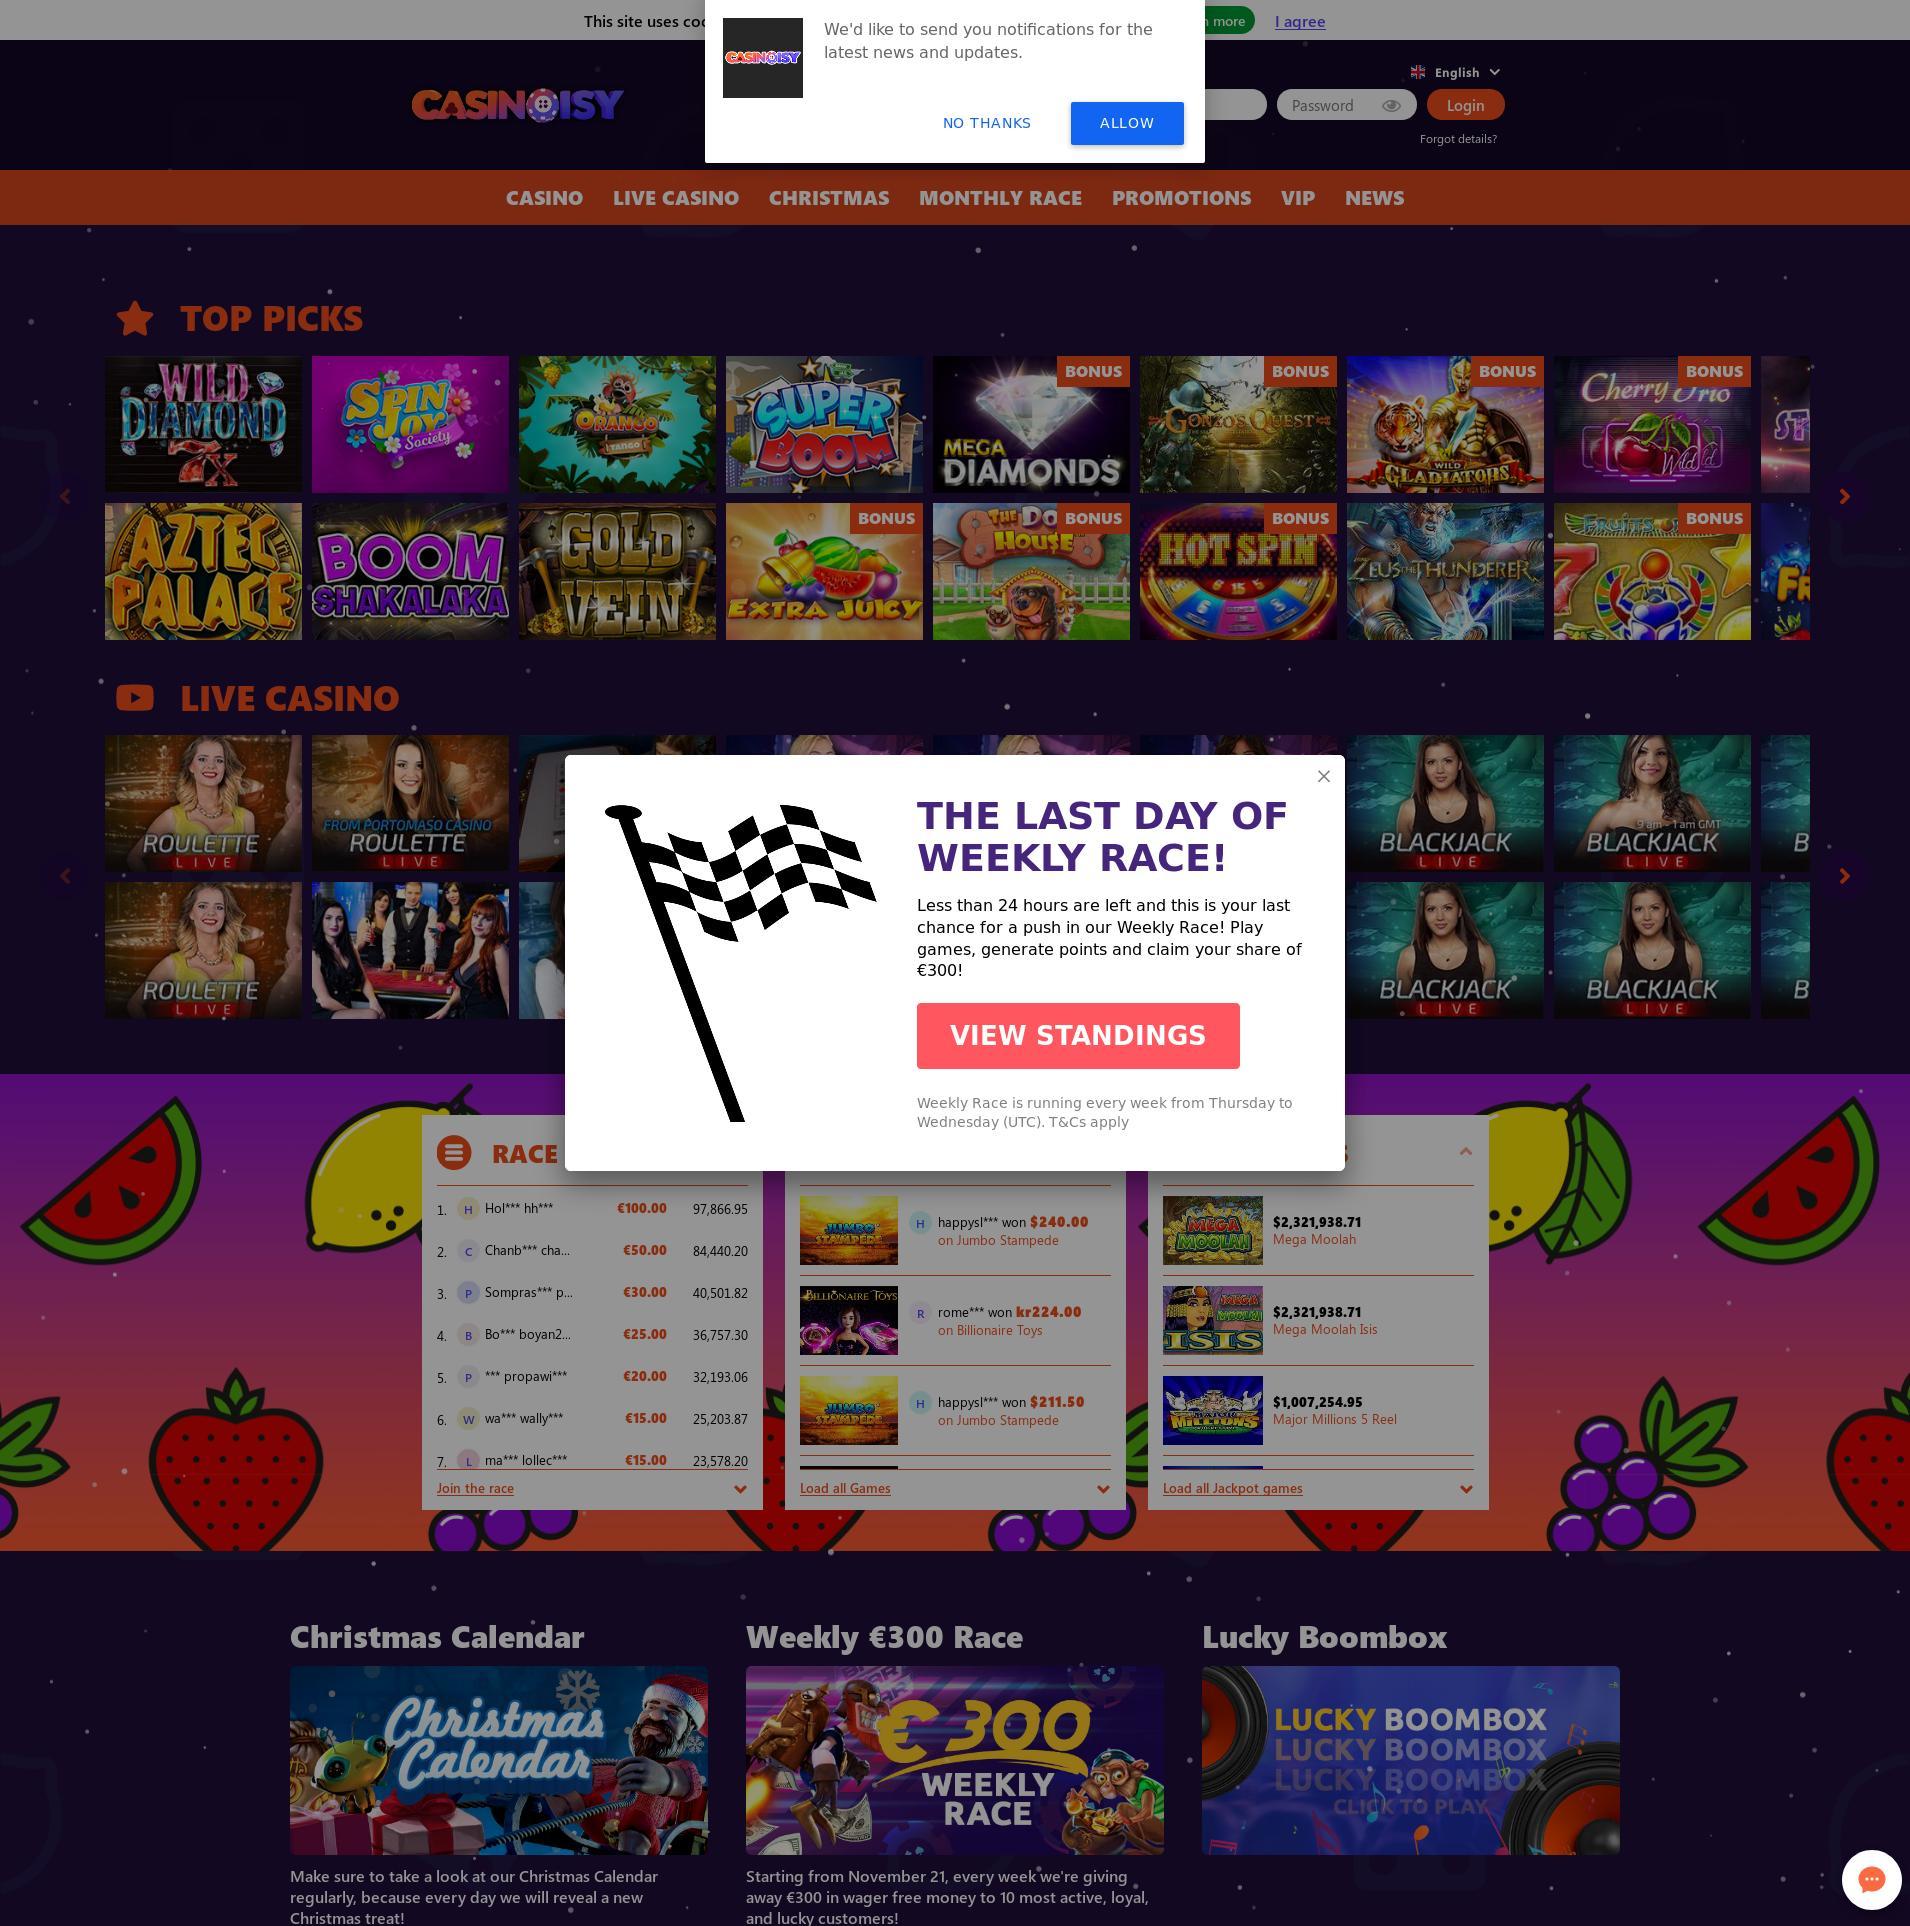 Casino Bildschirm Lobby 2019-12-04 zum Deutschland